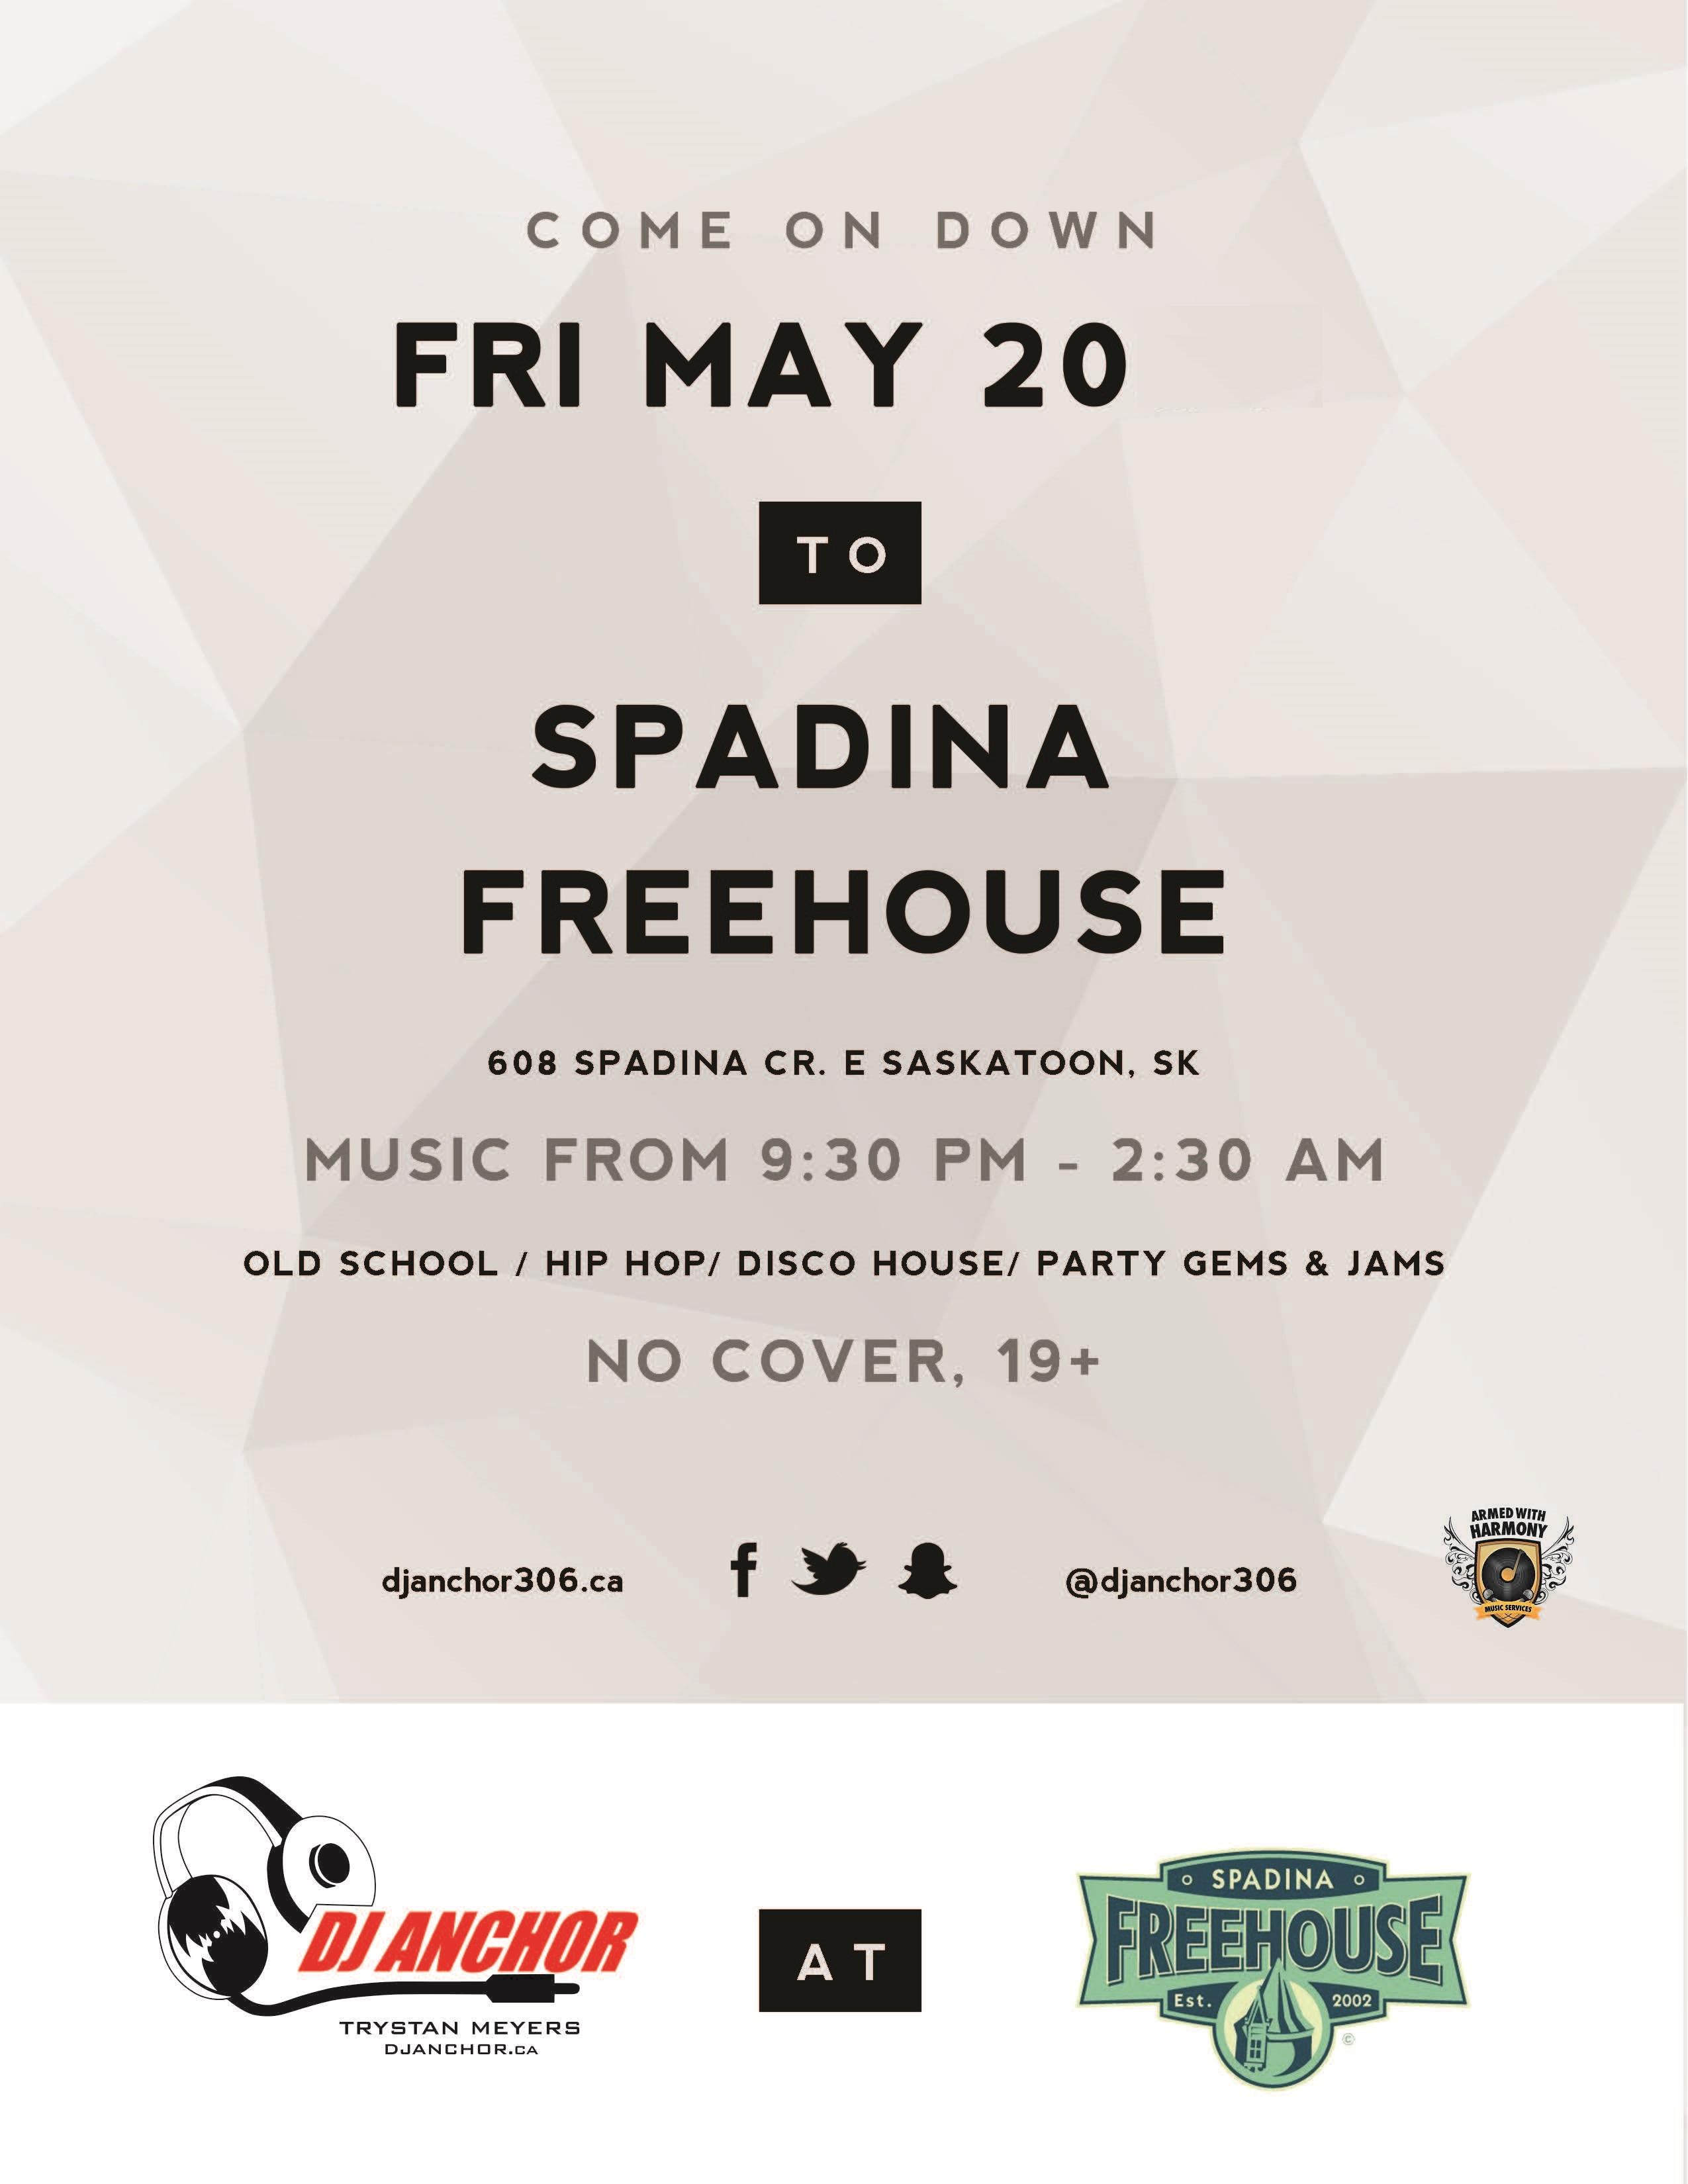 Spadina Freehouse Saskatoon Dj Anchor of Armed With Harmony - Image 1